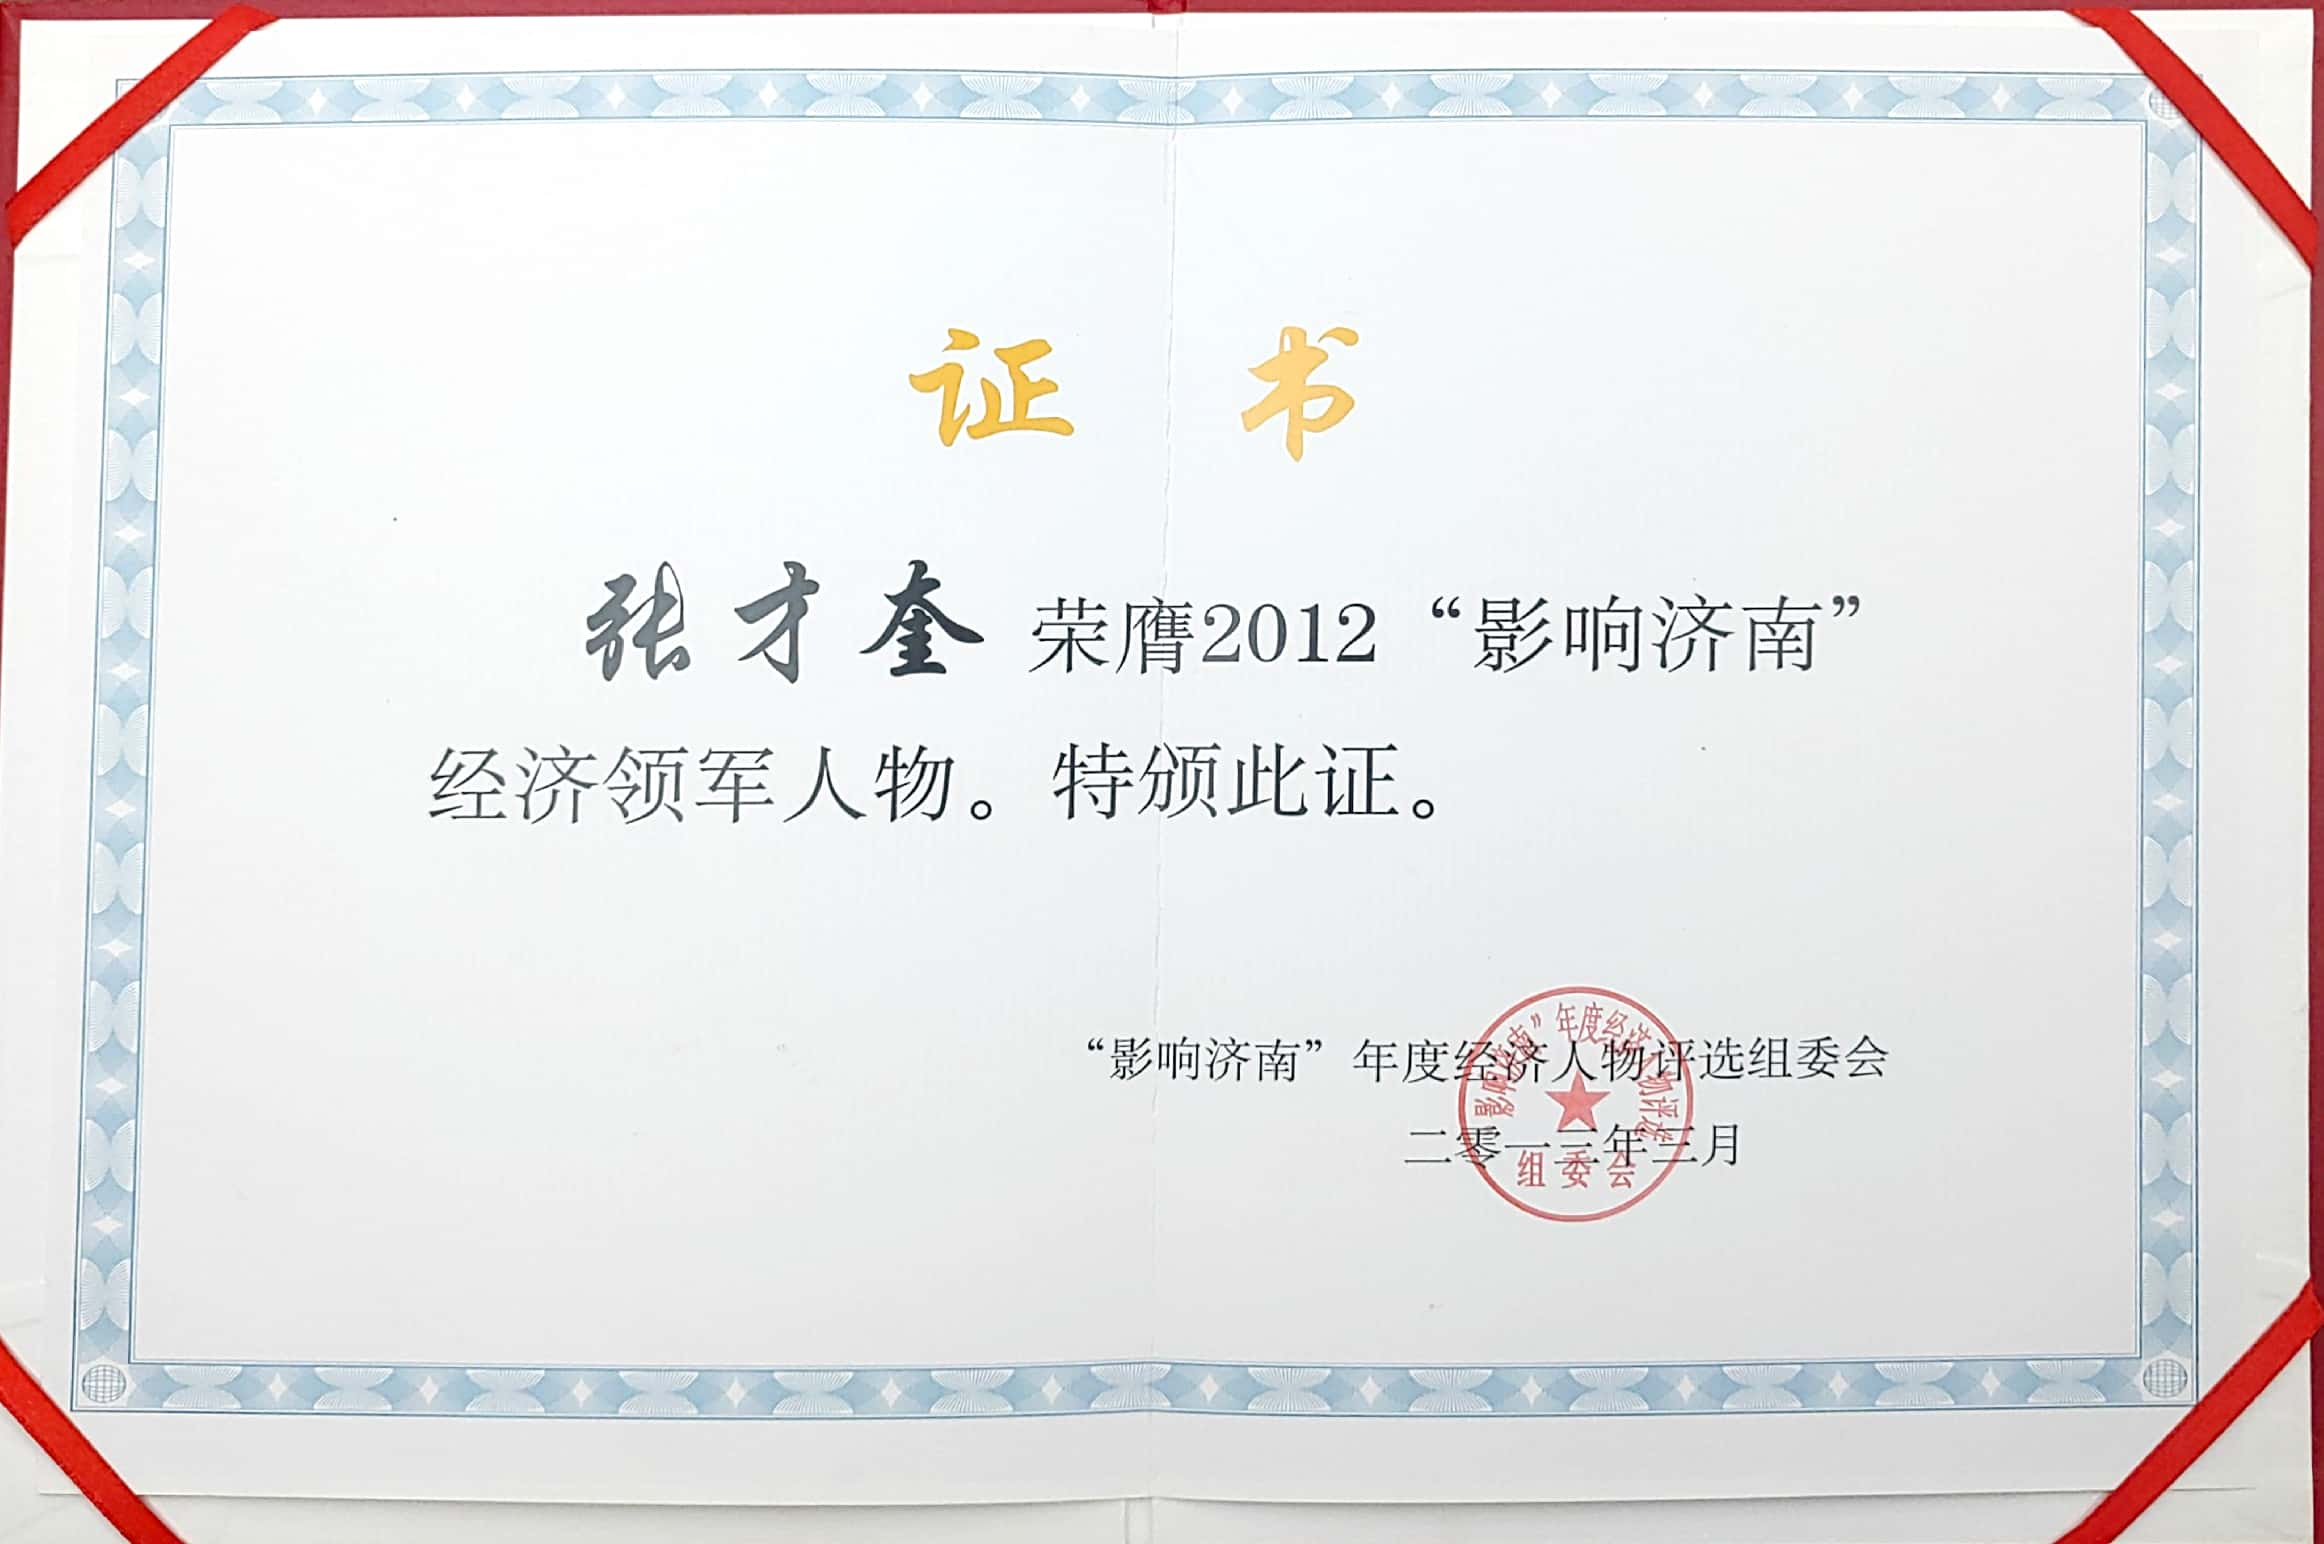 2012年影響濟南經濟領軍人物